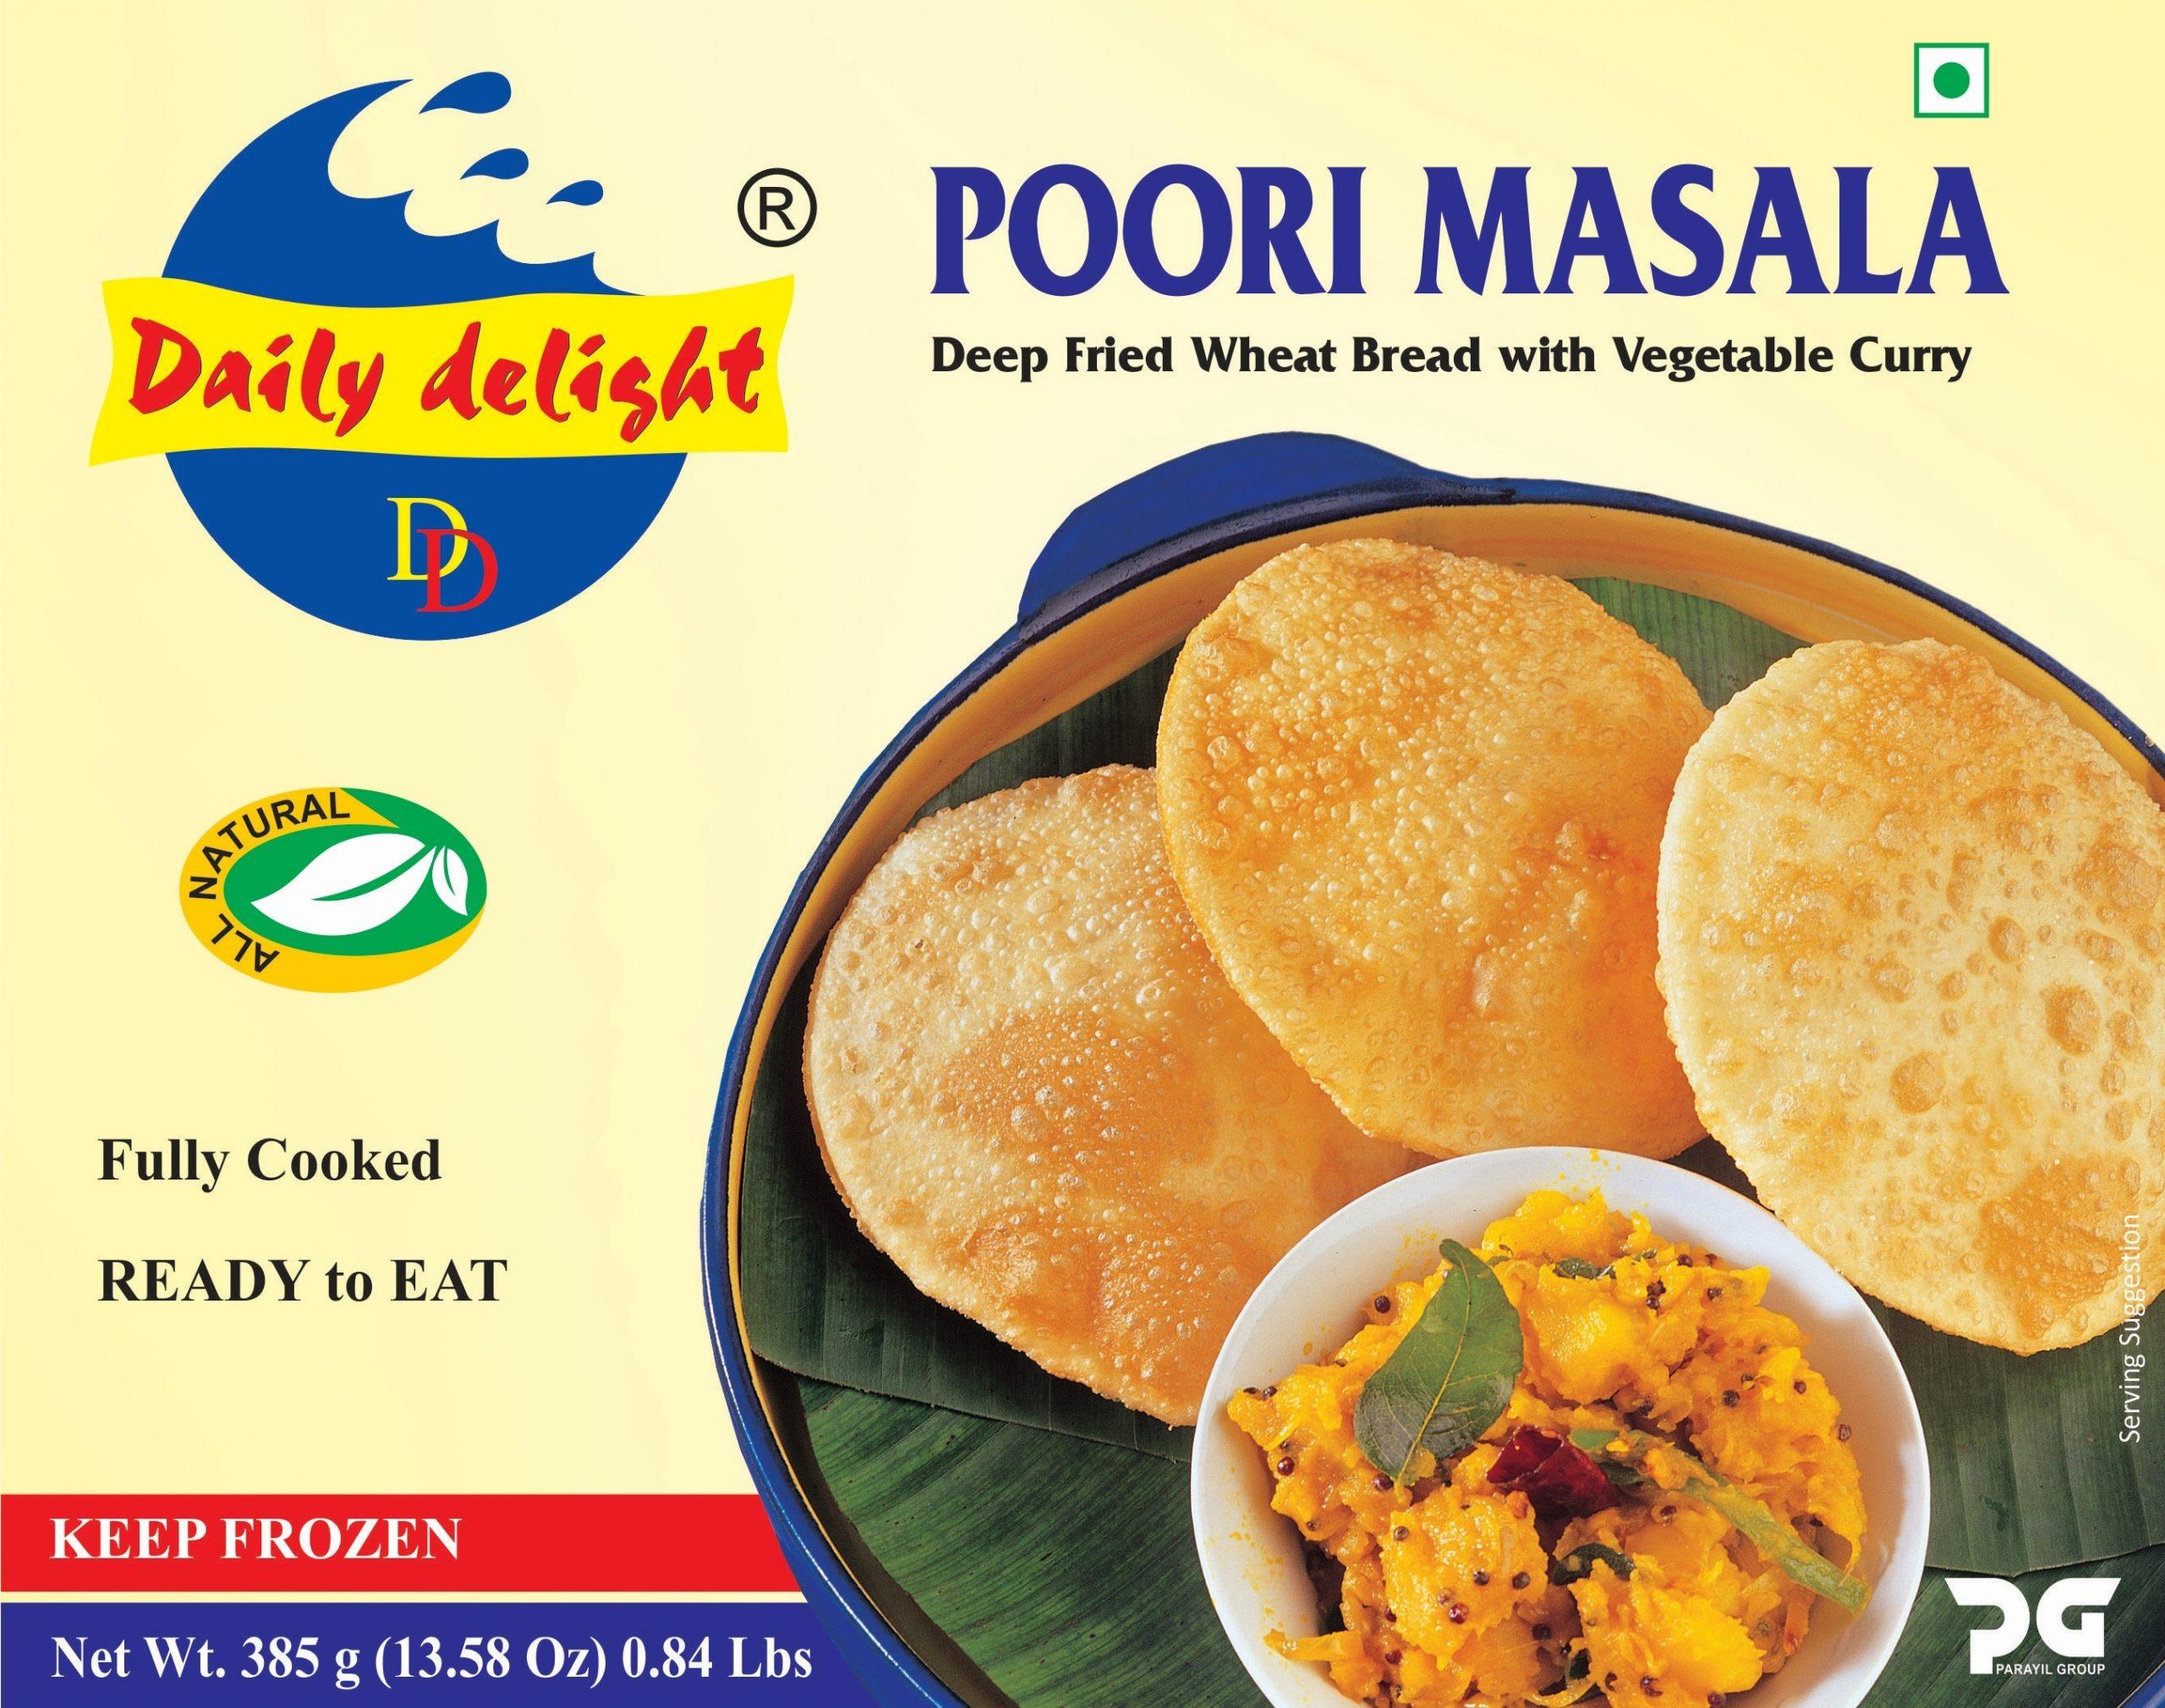 Daily Delight Poori Masala